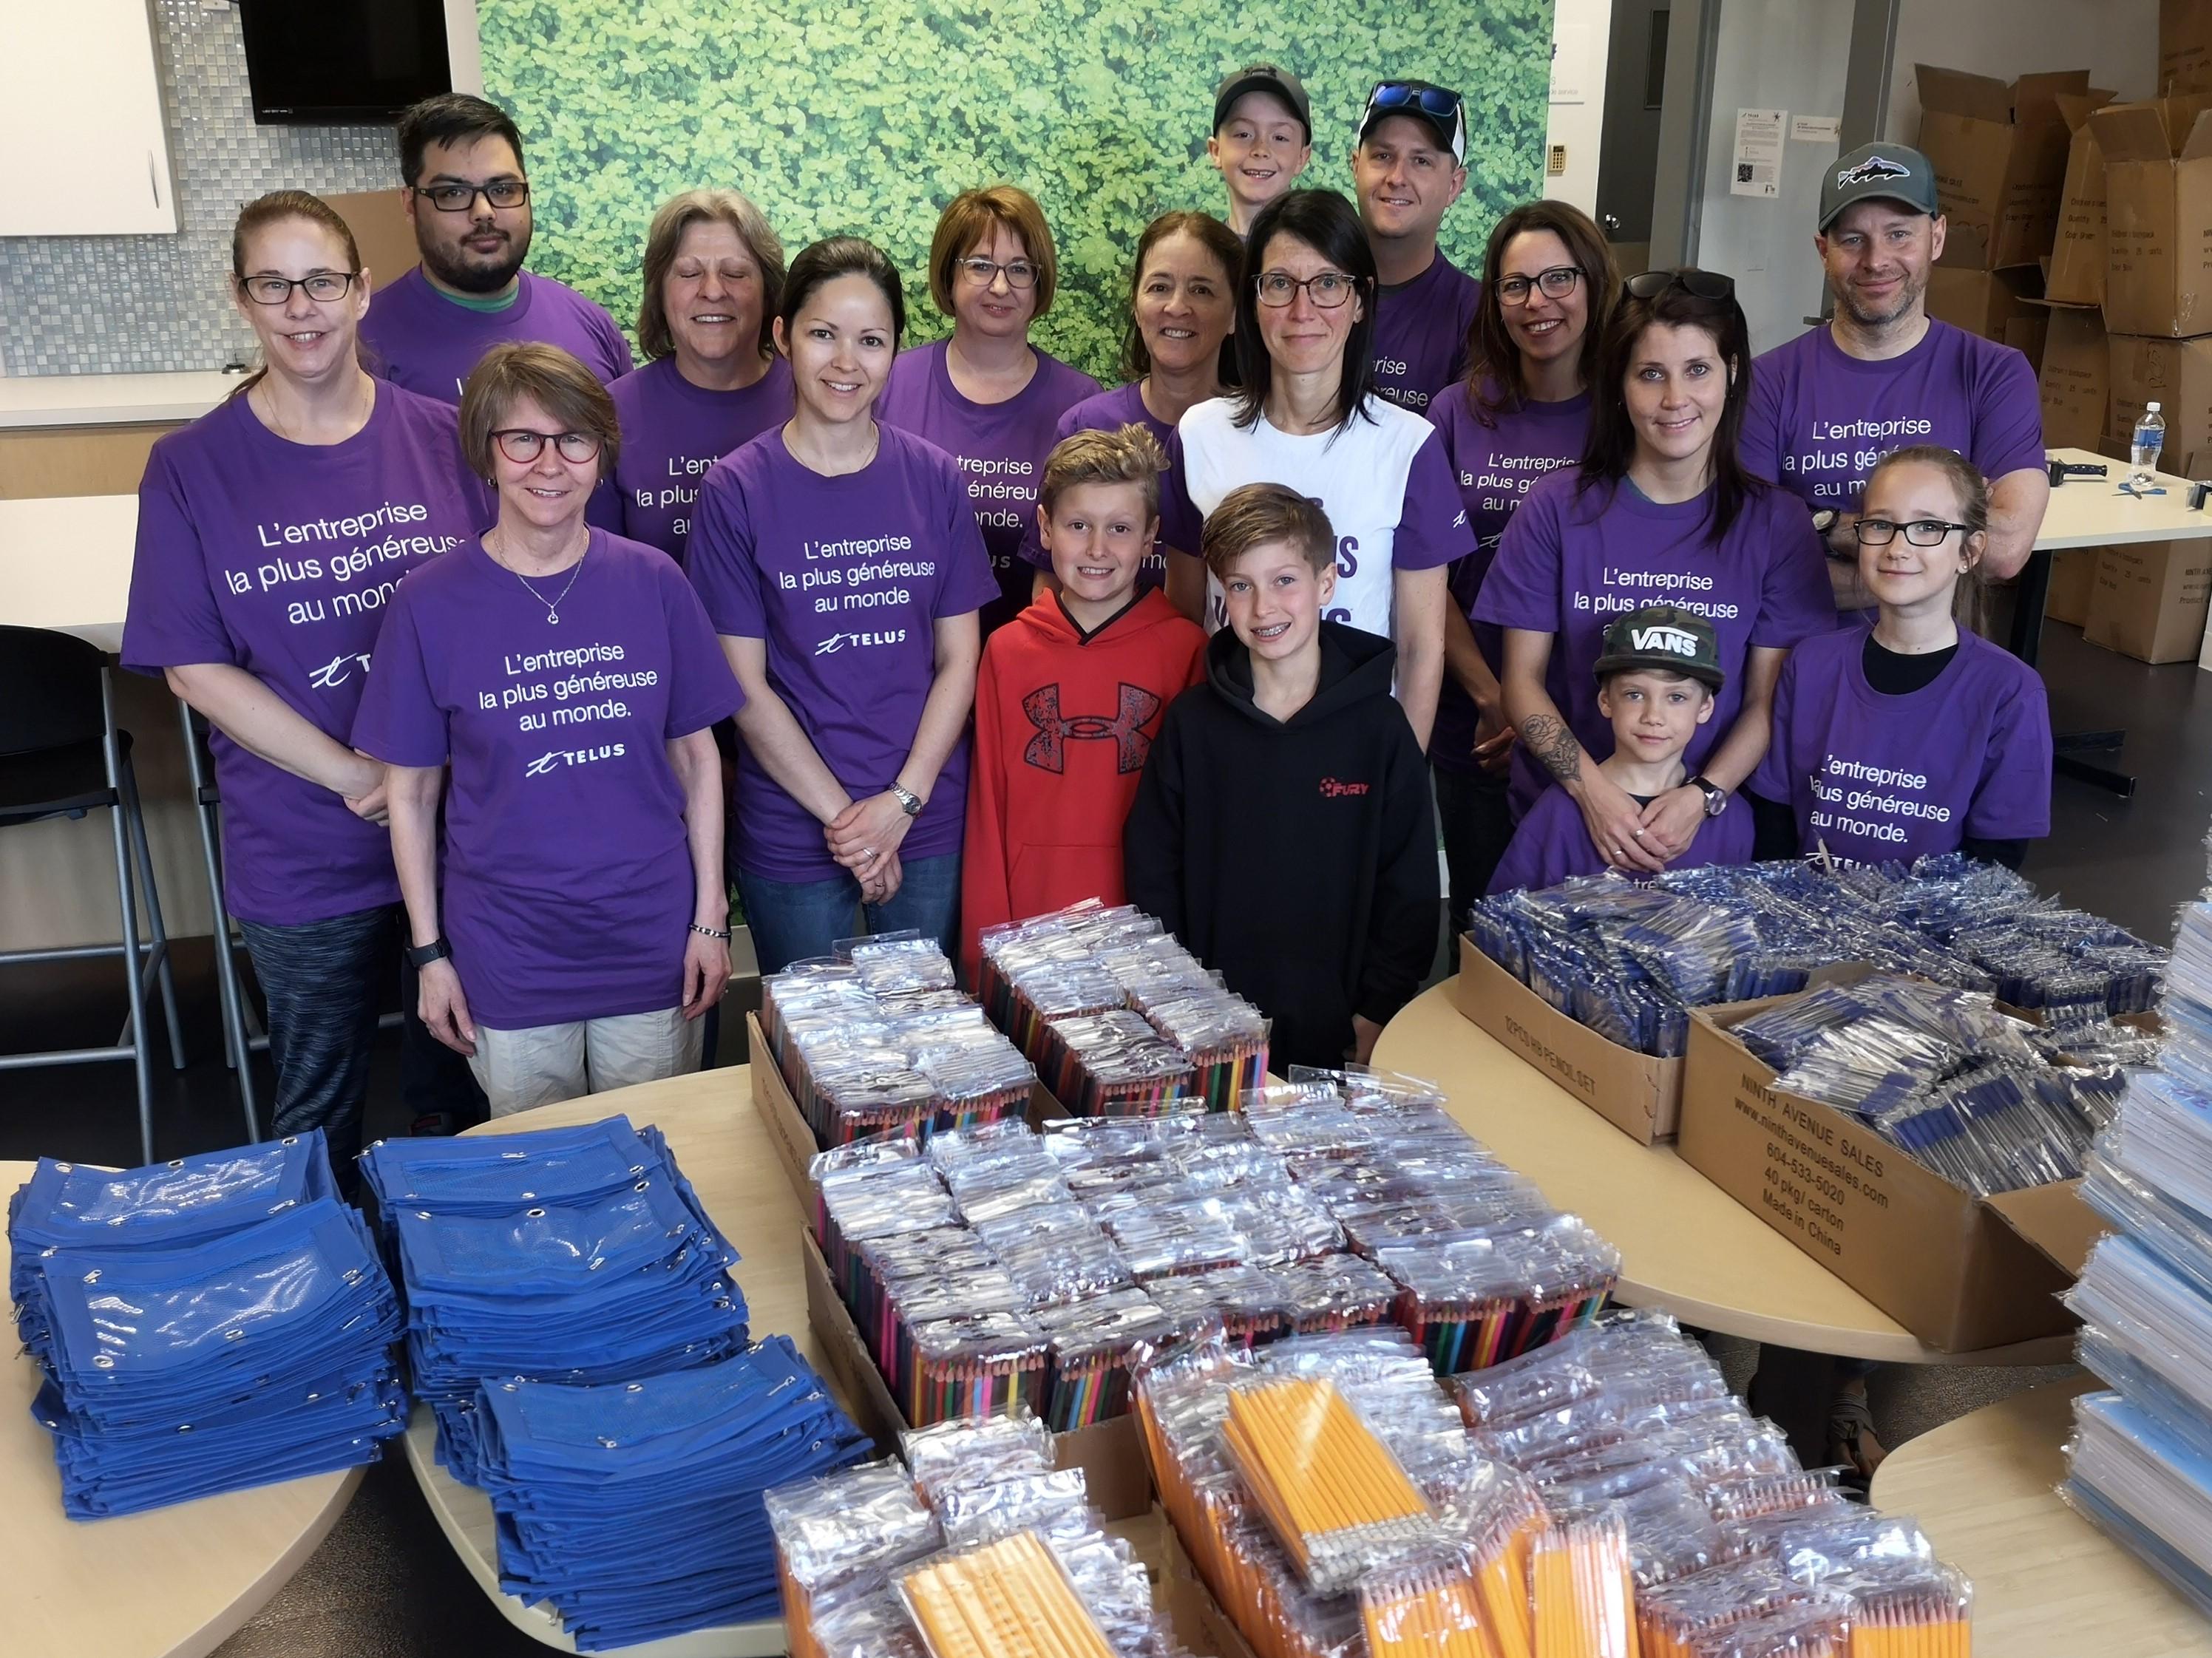 Chaque année, dans le cadre des Journées du bénévolat de TELUS, les Ambassadeurs communautaires de l'entreprise préparent des centaines de sacs d'école remplis de fournitures scolaires.